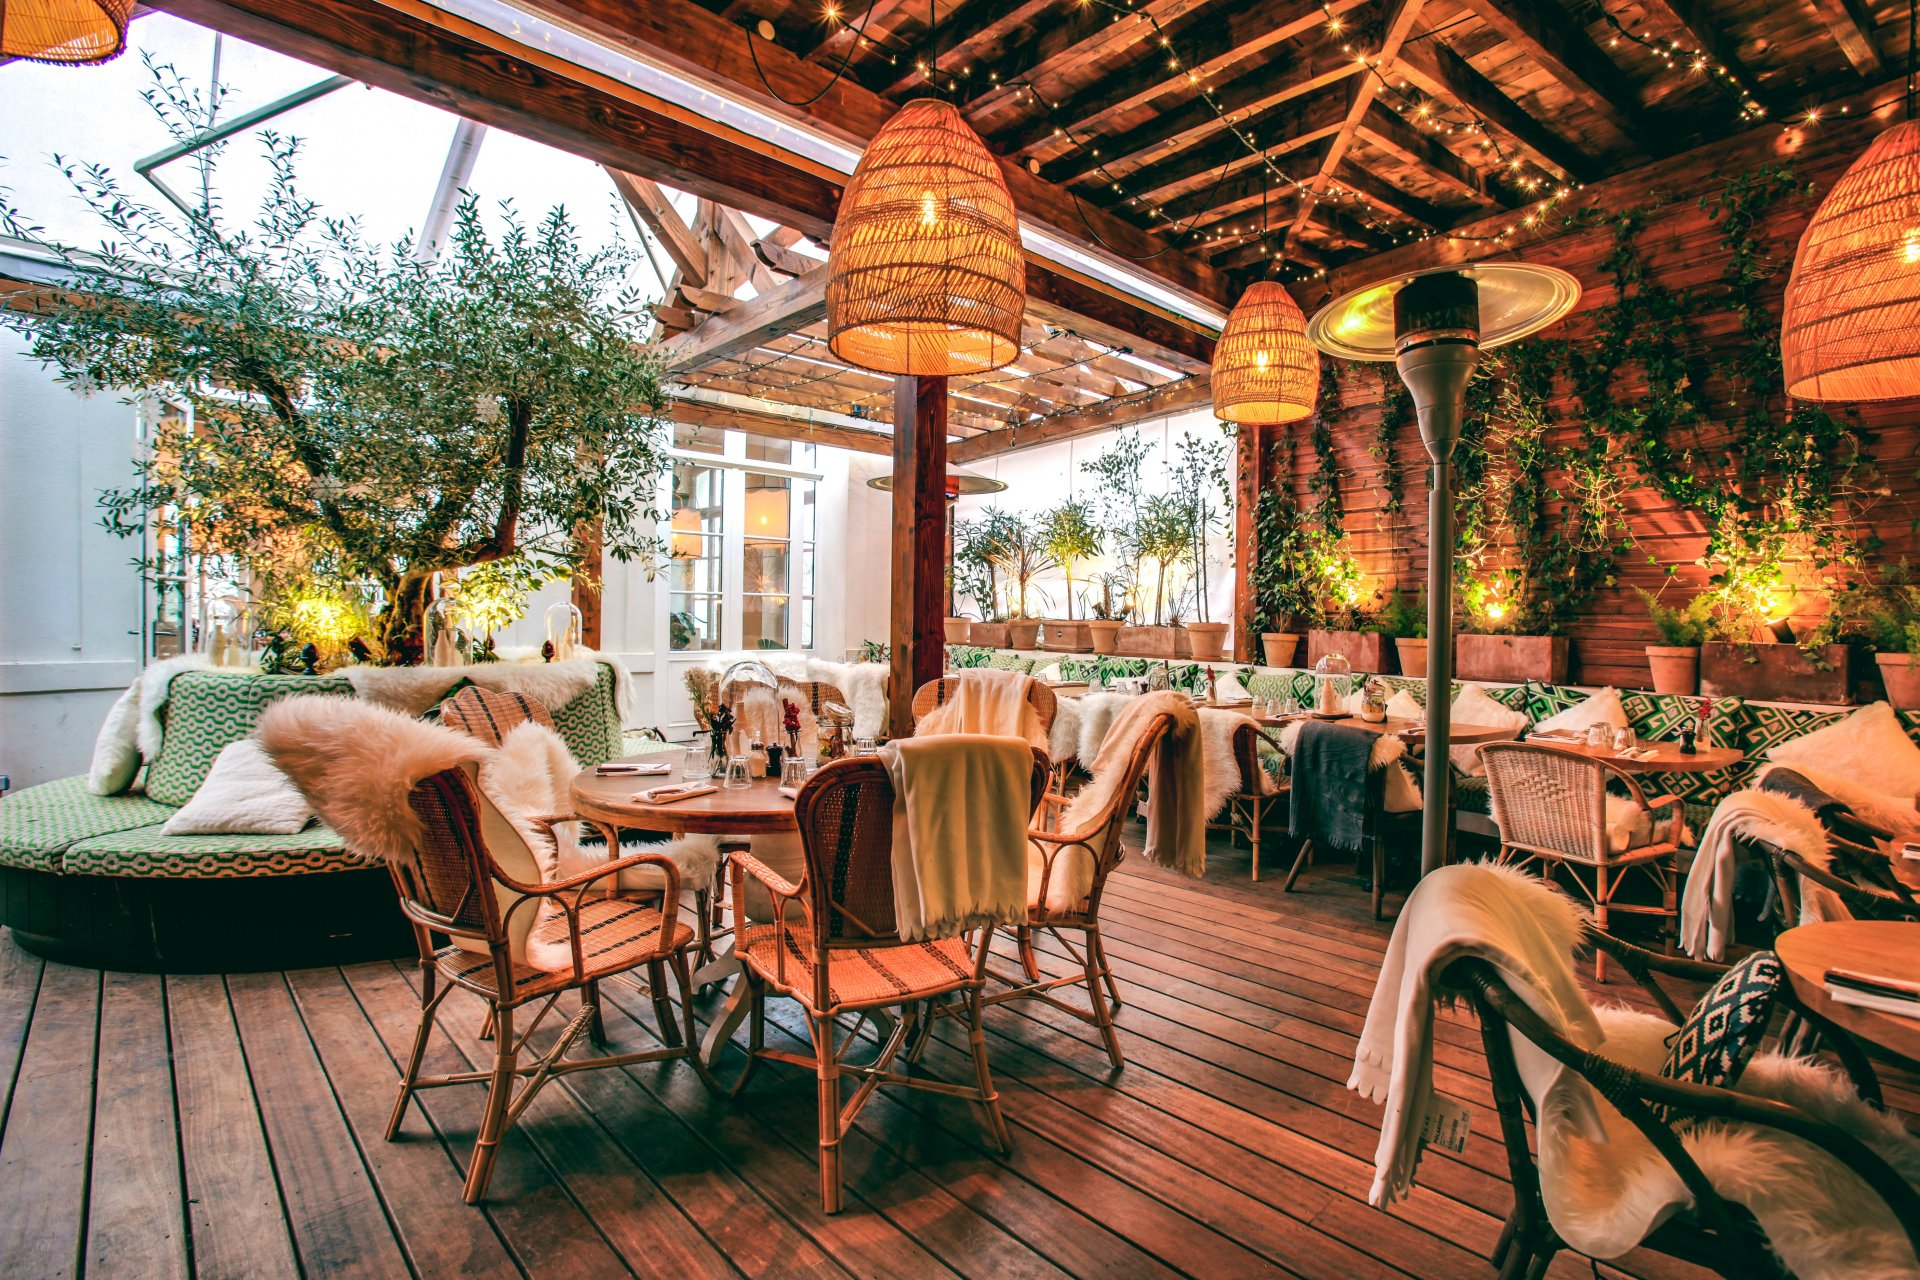 Brasserie auteuil paris paris offrir cadeau restaurant - Photo fermer une terrasse couverte ...